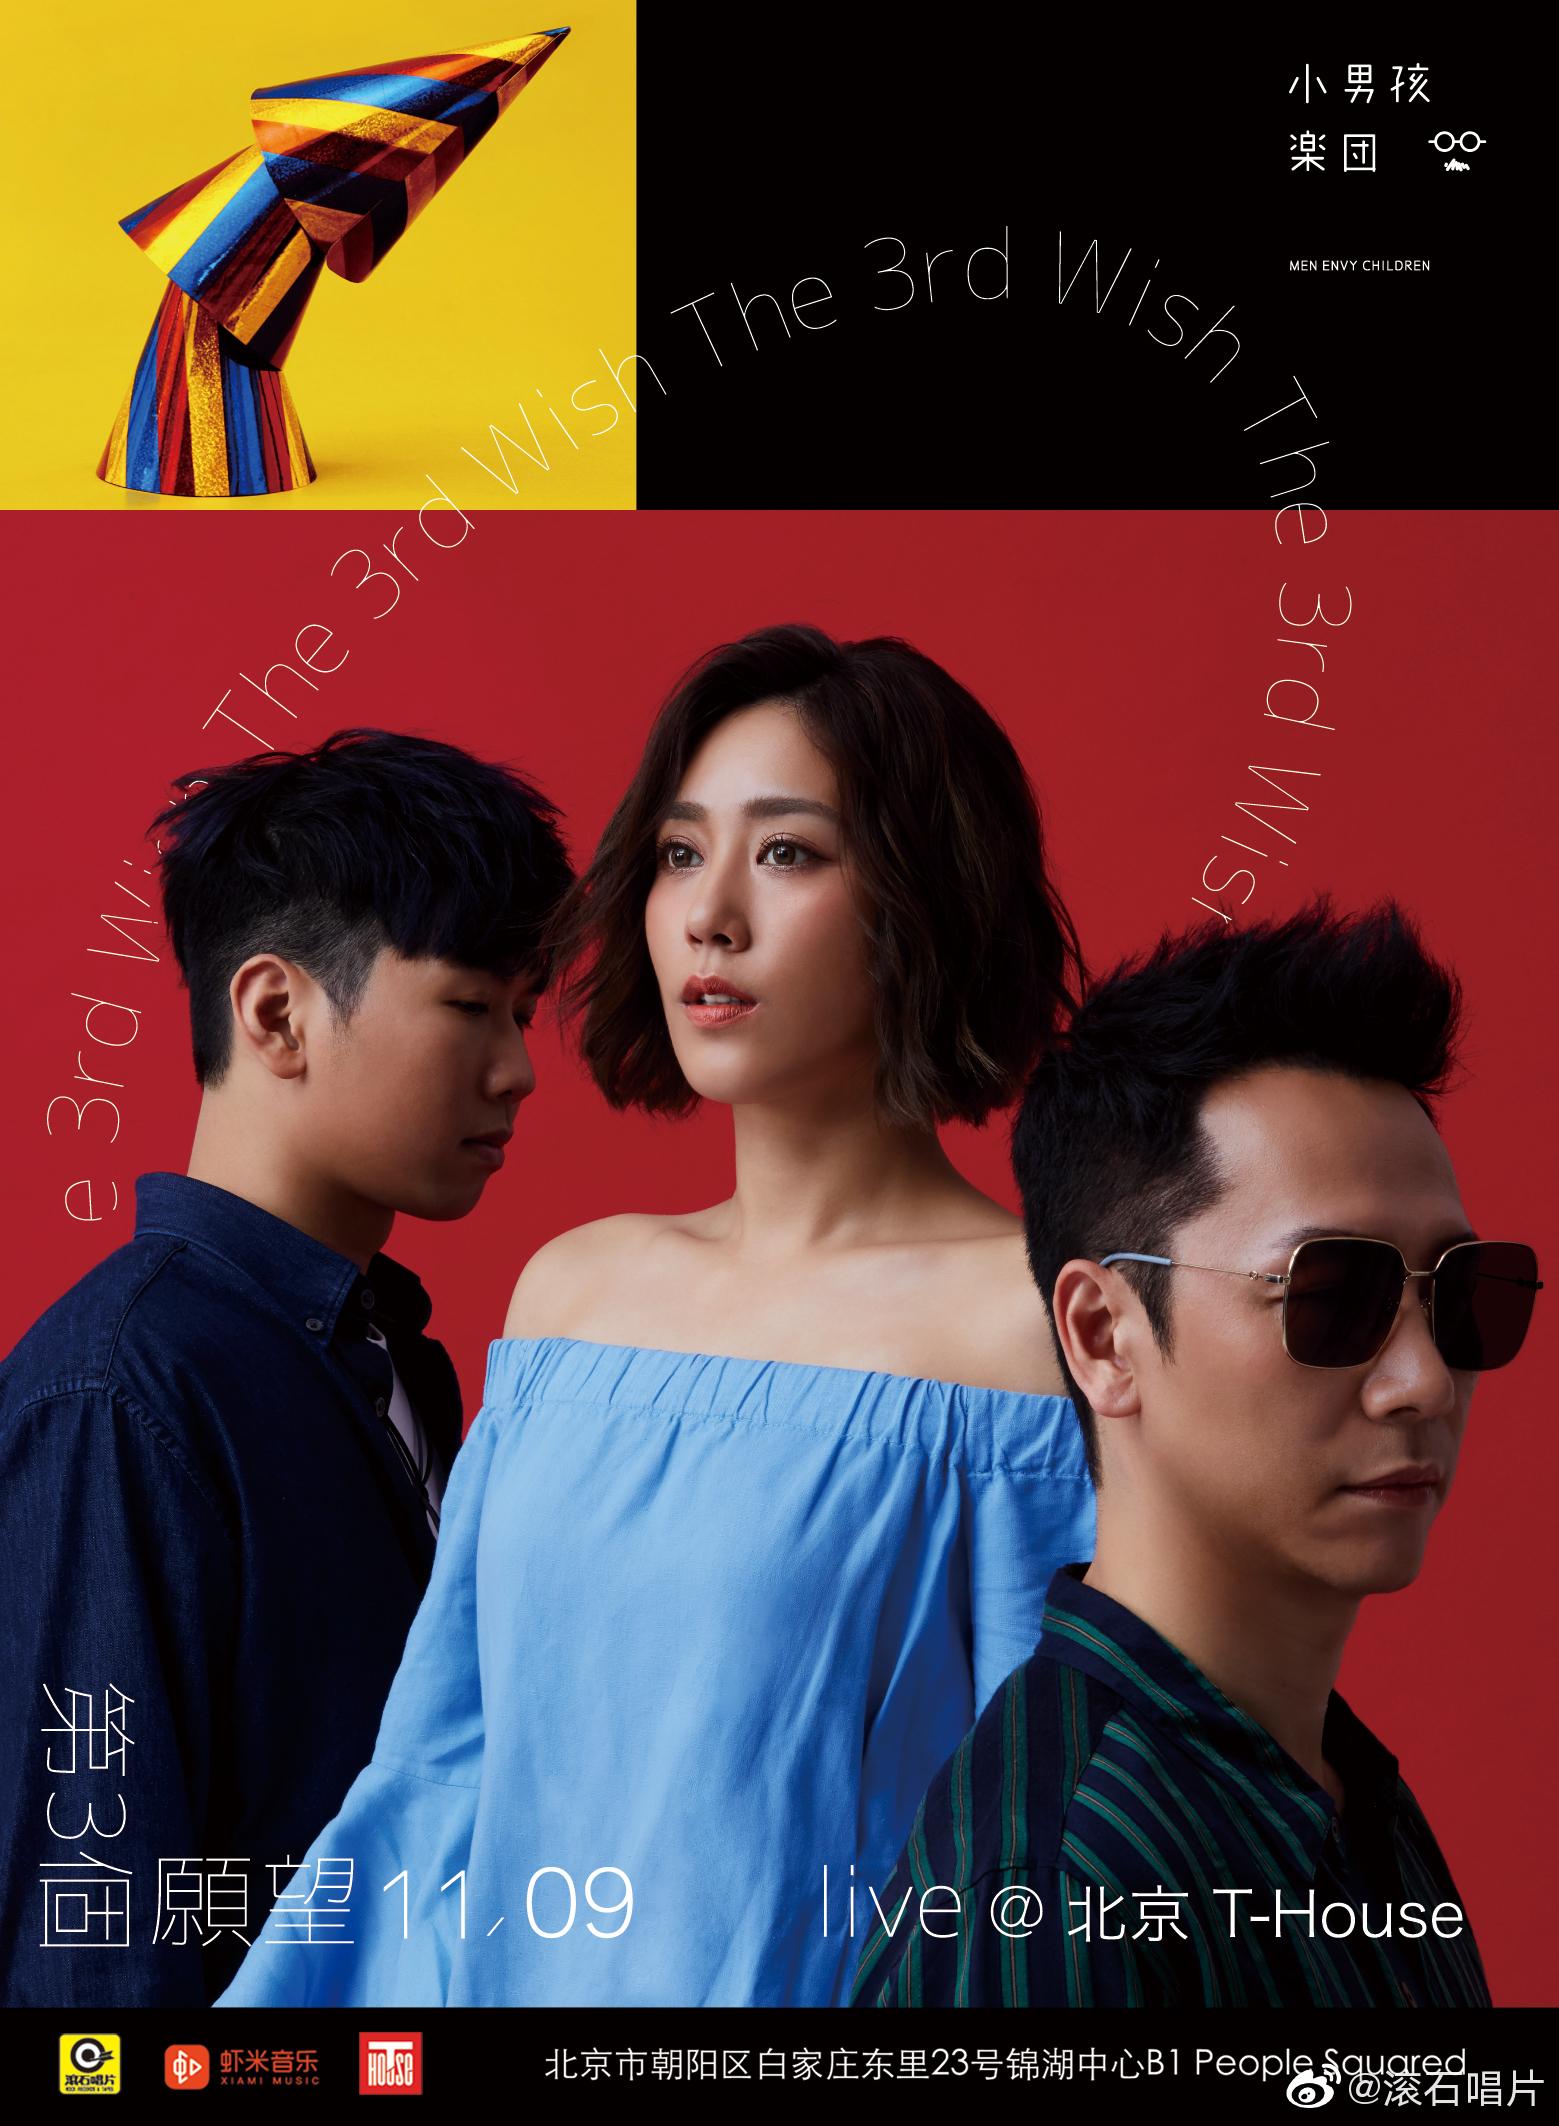 滚石唱片X虾米音乐 小男孩乐团《第三个愿望》北上广巡演明日启动